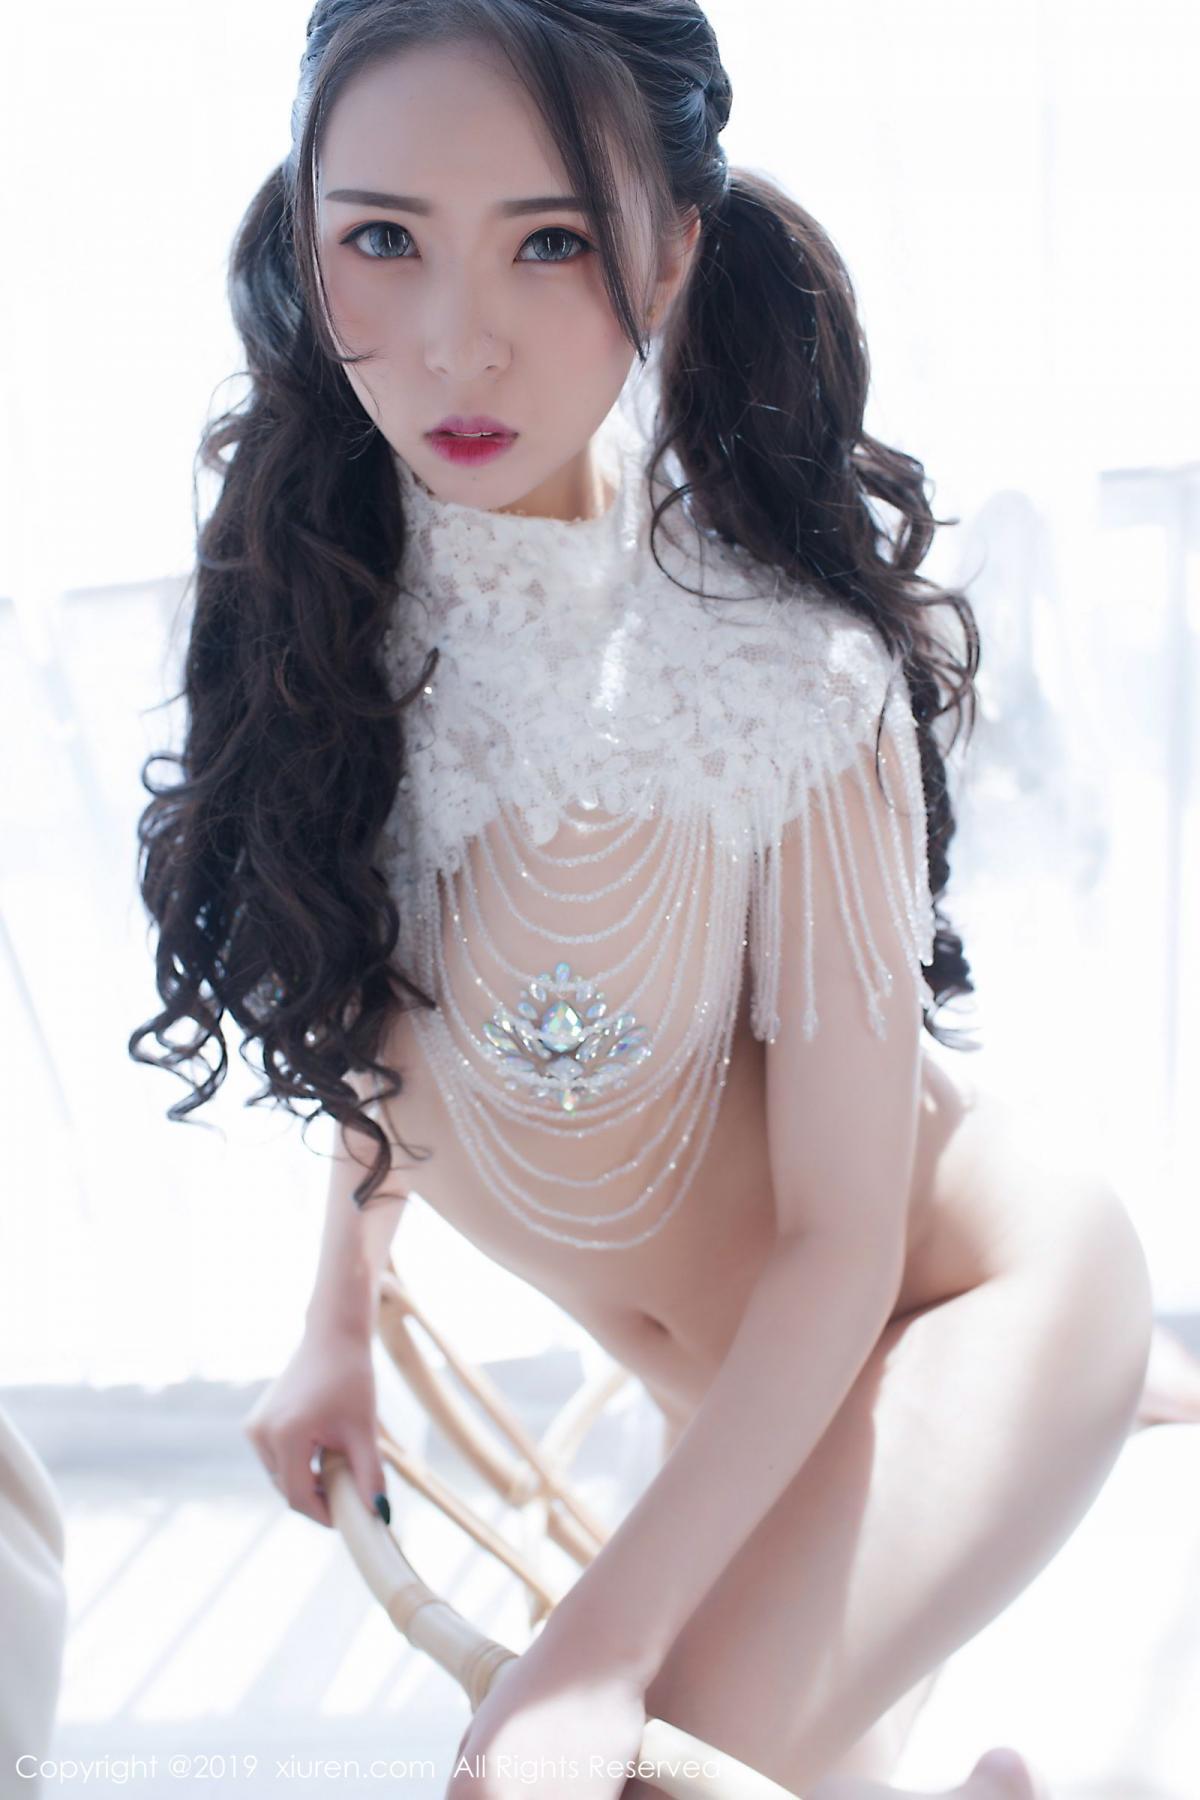 [XiuRen] Vol.1666 Liang Ren Fei Ai Ren 10P, Liang Ren Fei Ai Ren, Sexy, Xiuren